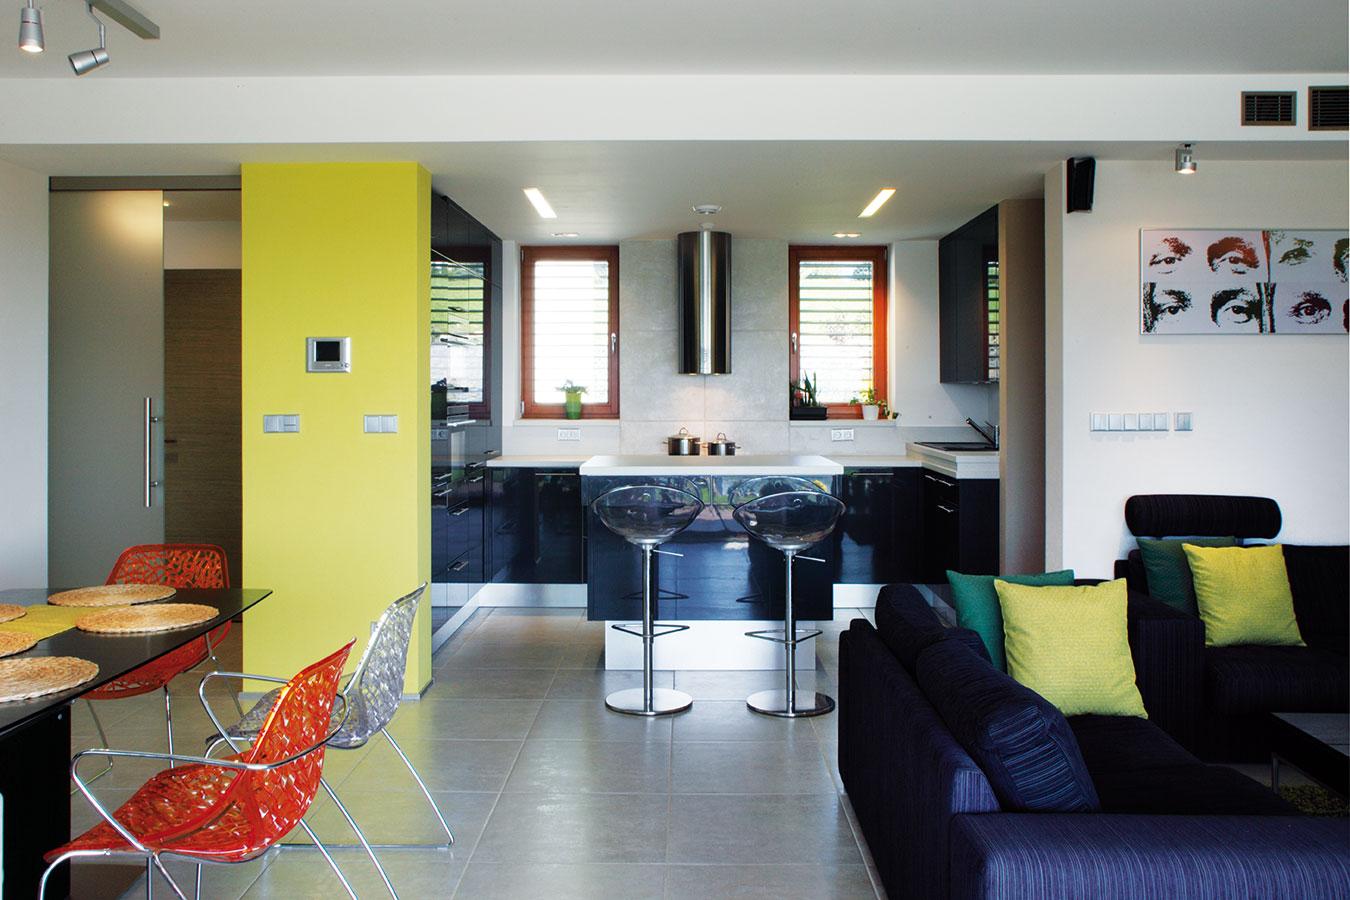 """Centrem domácnosti je otevřený denní prostor, který plní funkce obývacího pokoje, kuchyně ijídelny. Knejoblíbenějším místům vdomě patří právě kuchyně. """"Je to nejkomunikativnější část interiéru,"""" tvrdí Hana Liškutínová. """"Když přijde návštěva, trávíme zde mnoho času."""""""